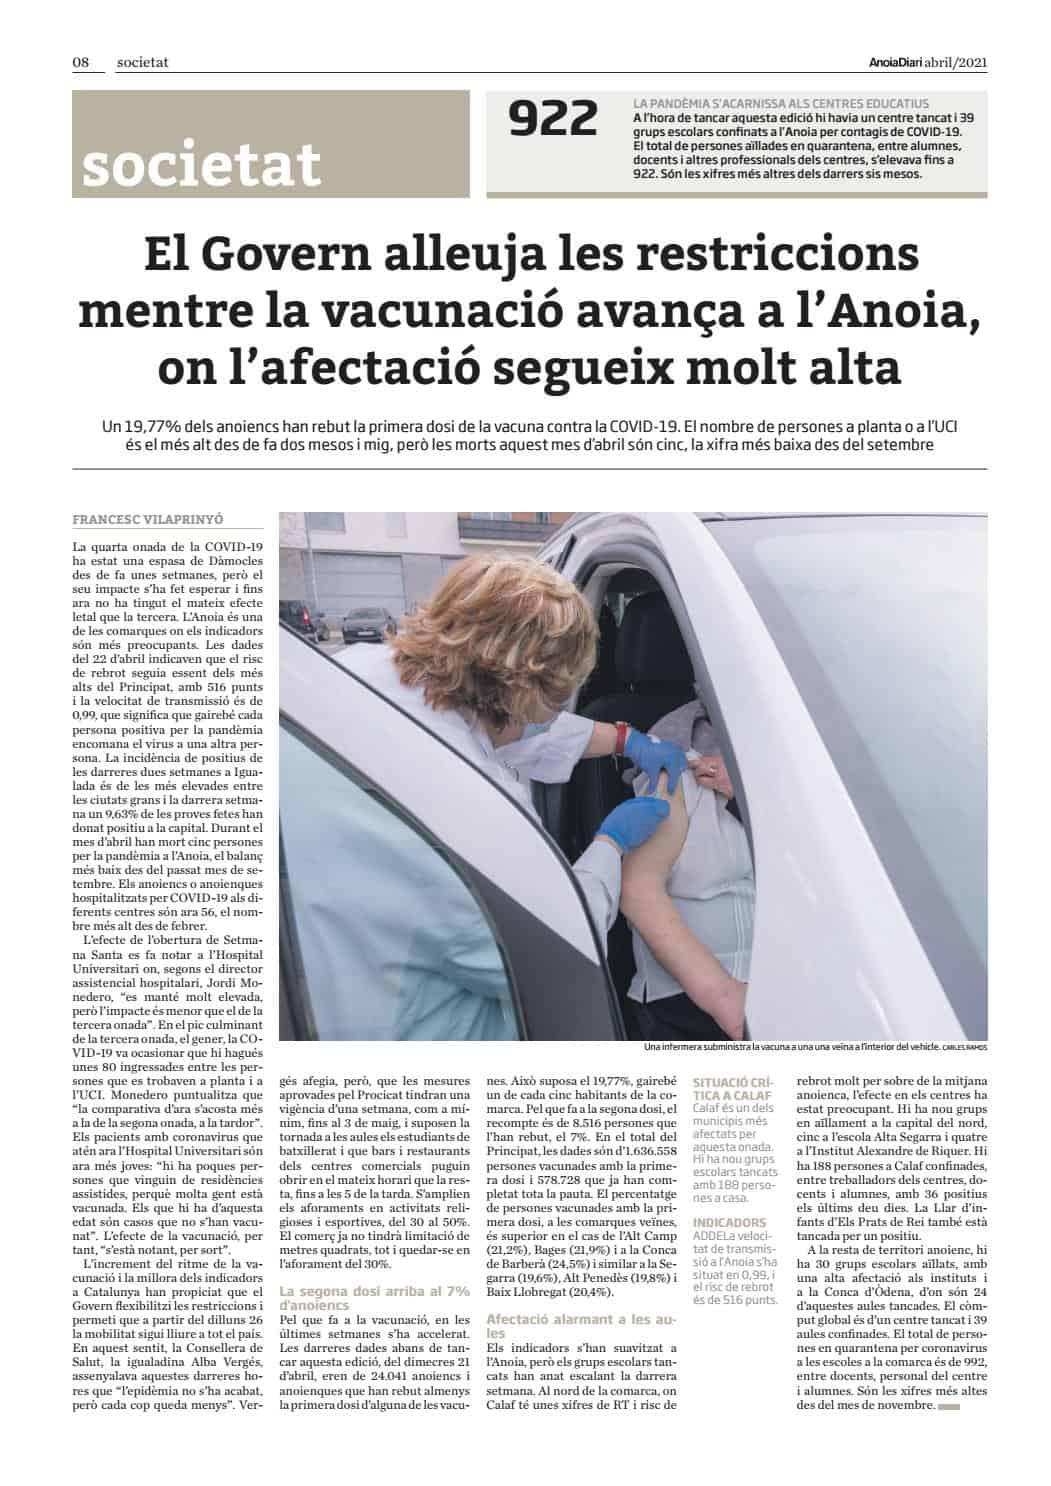 210401 - Anoiadiari - 2de2 - El Govern alleuja les restriccions mentre la vacunació avança a l'Anoia, on l'afectació segueix molt alta